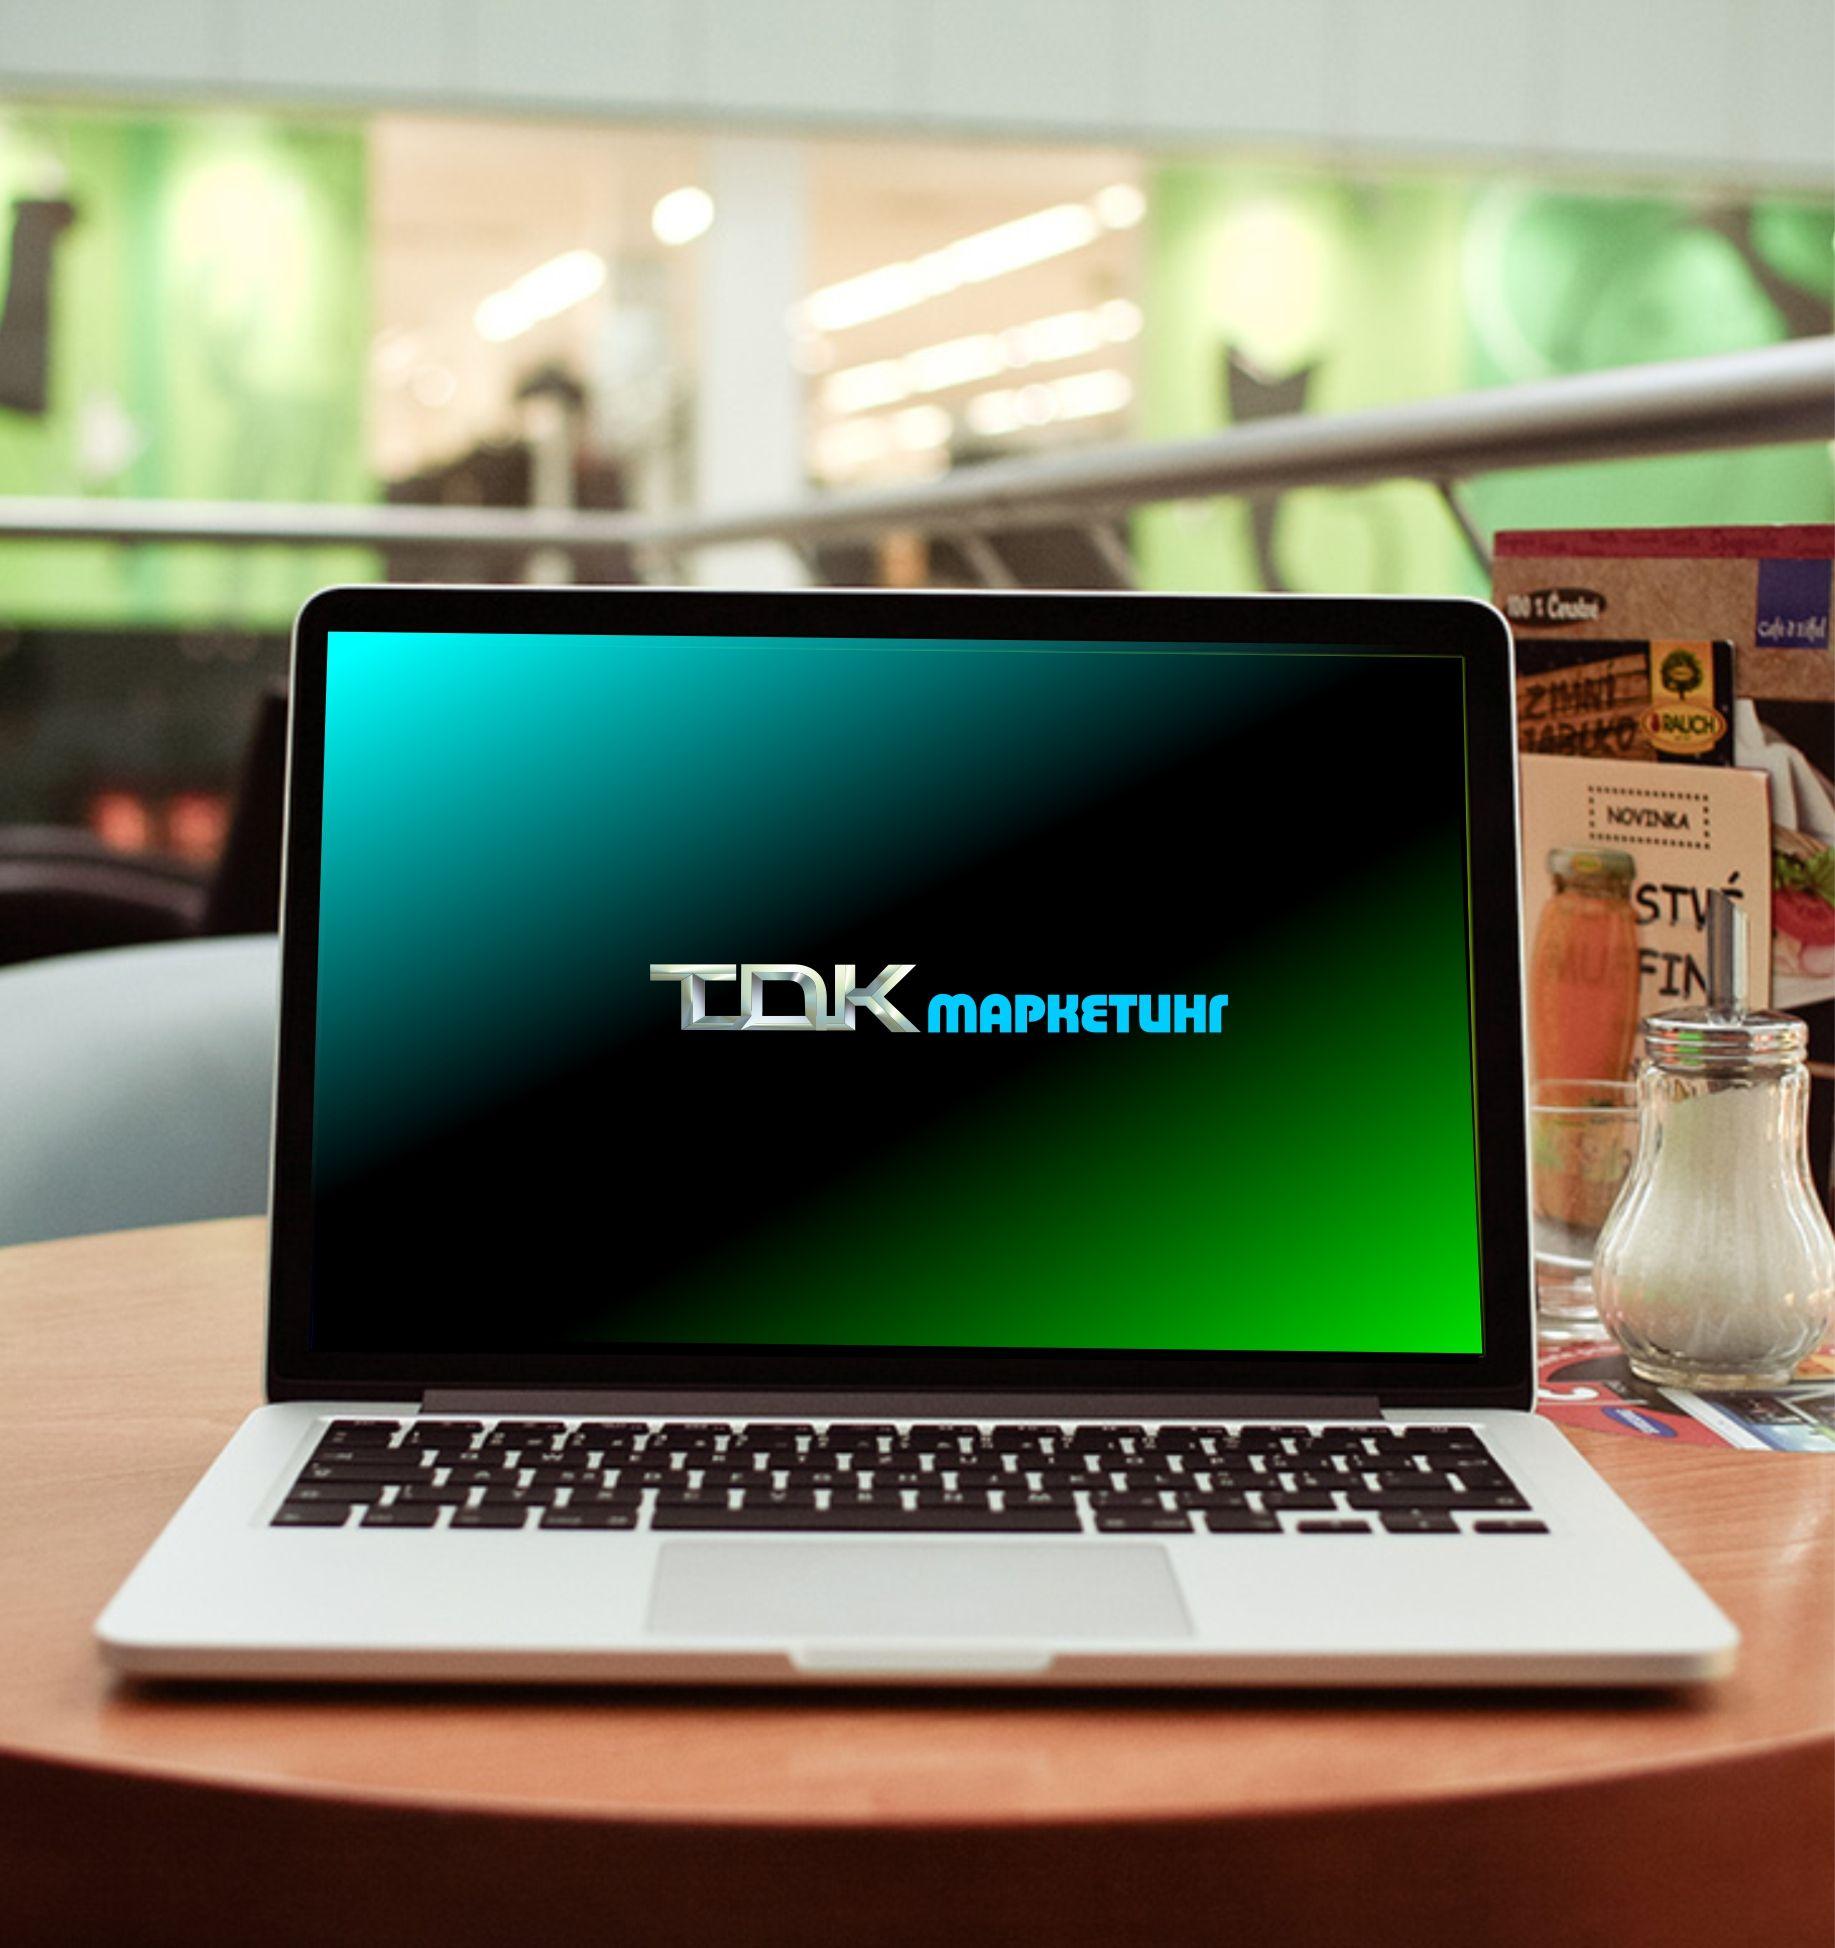 Лого и фирменный стиль для ТДК Маркетинг - дизайнер YUNGERTI